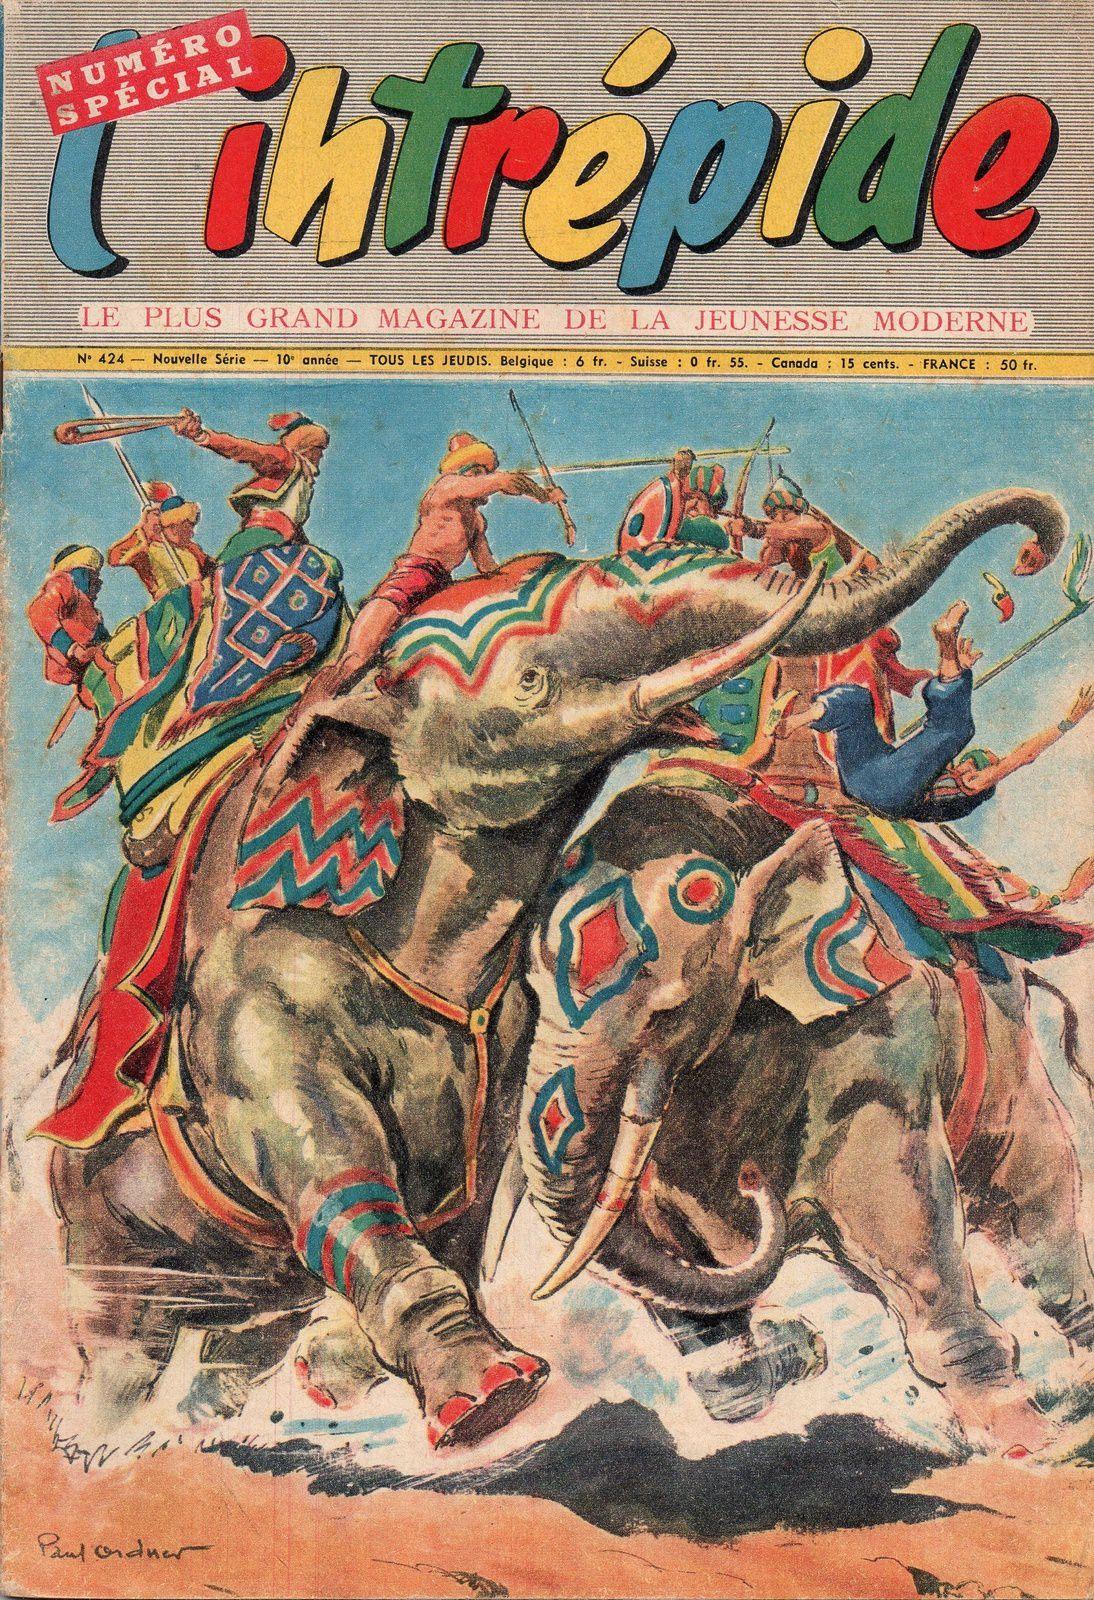 """J.-H. Rosny aîné """"Le Trésor lointain"""", par Pierdec (L'Intrépide n°424 - 1957)"""